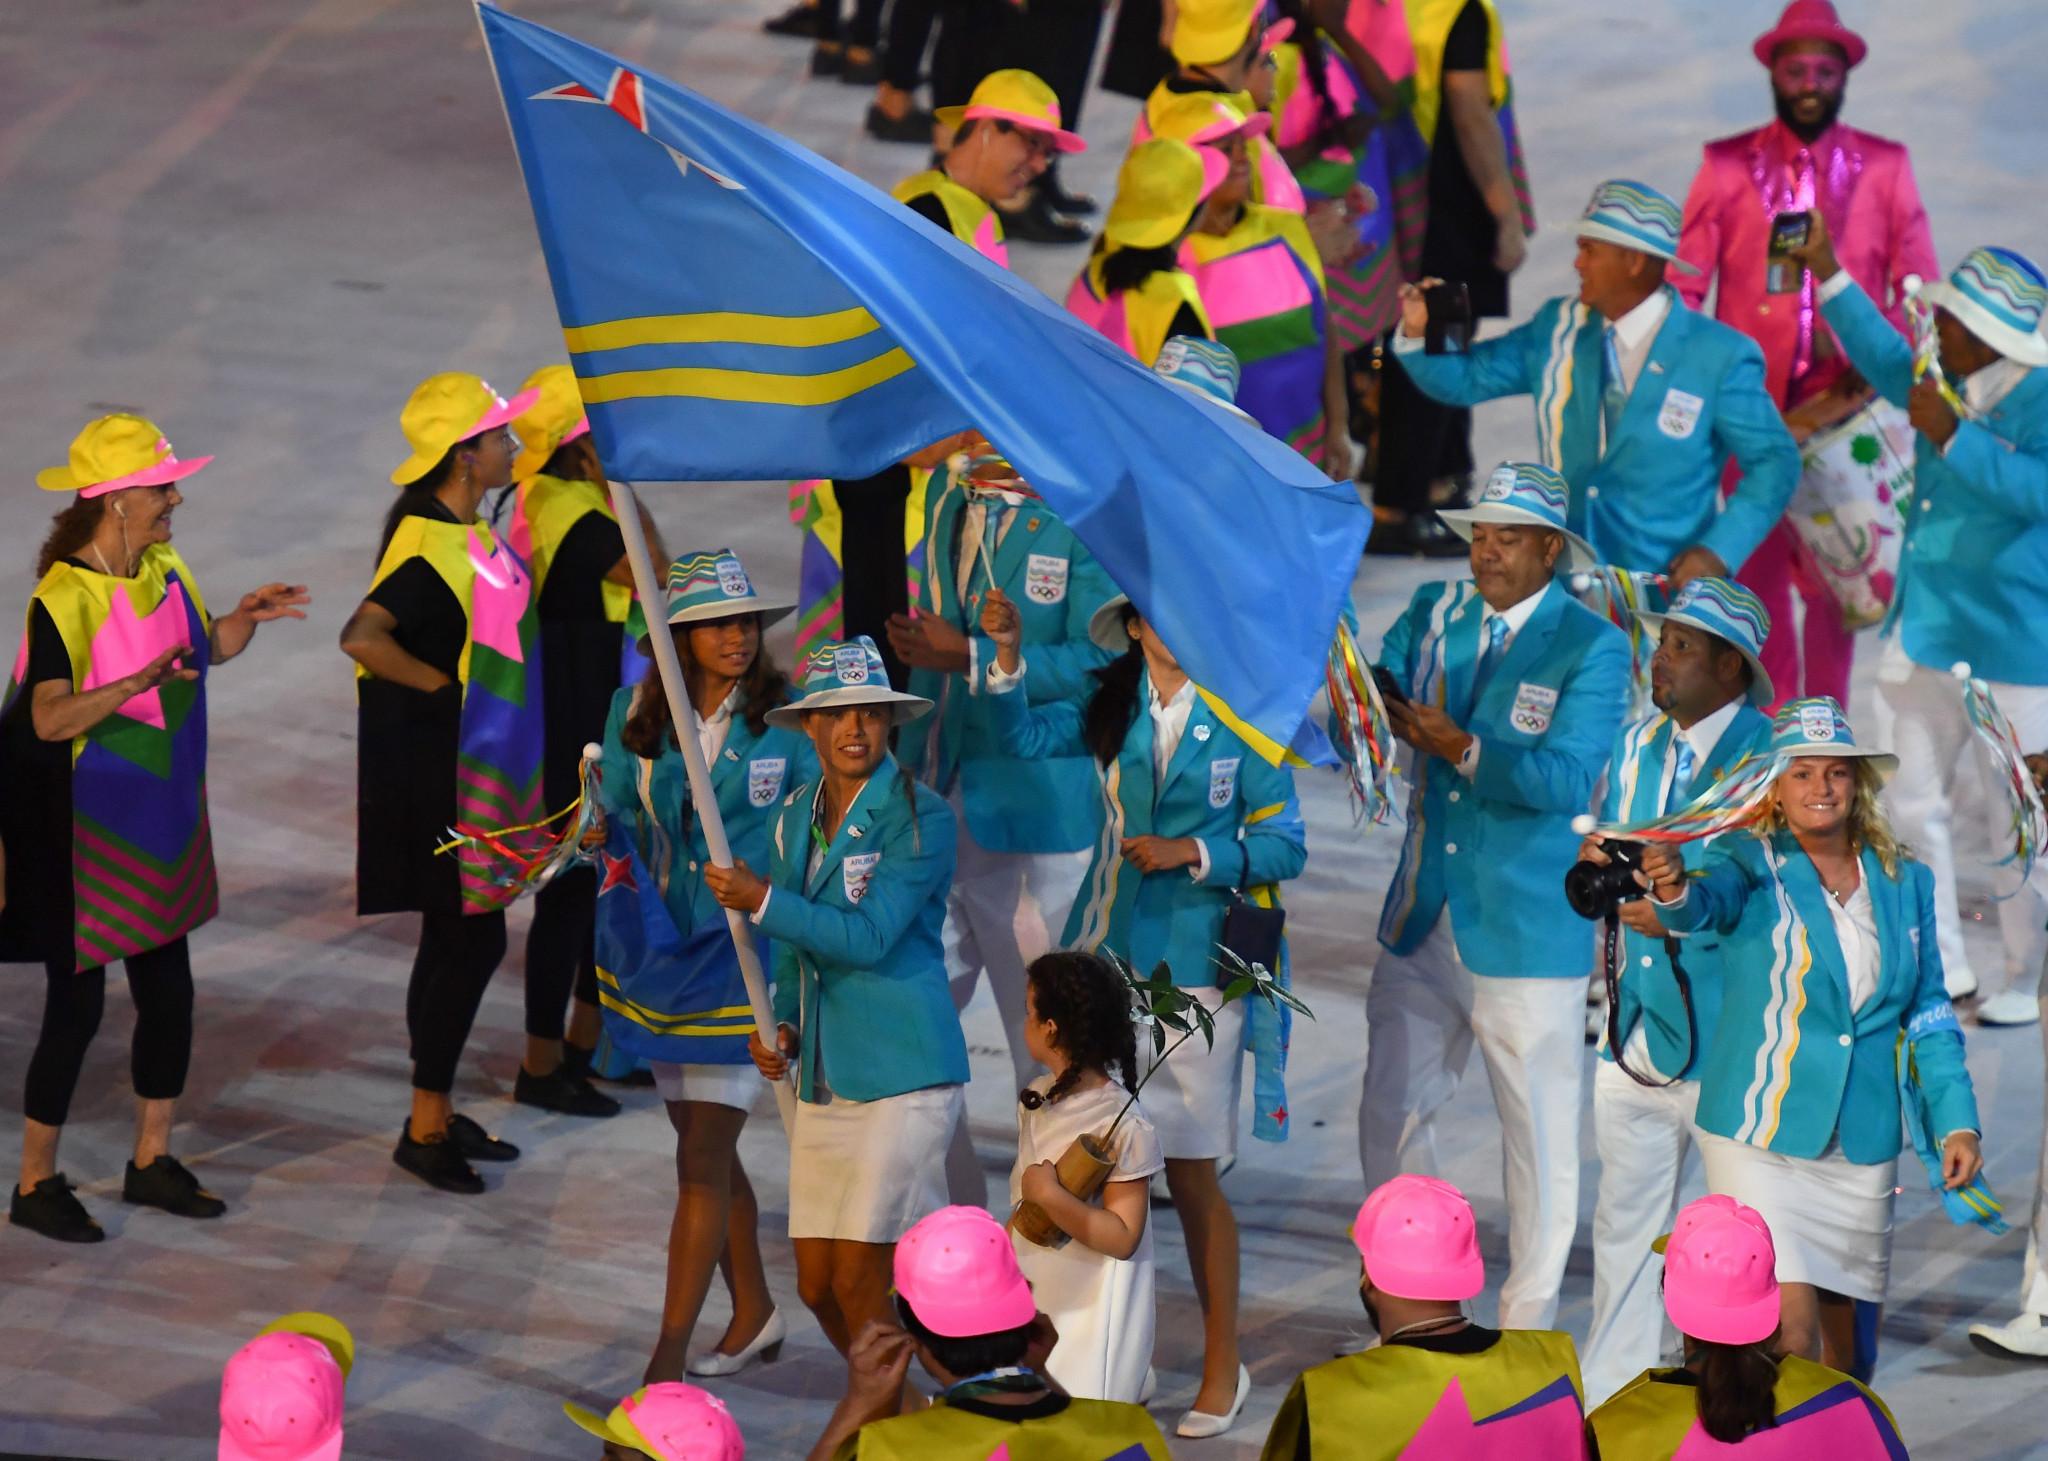 Nicole van der Velden was Aruba's flagbearer at  Rio 2016 ©Getty Images